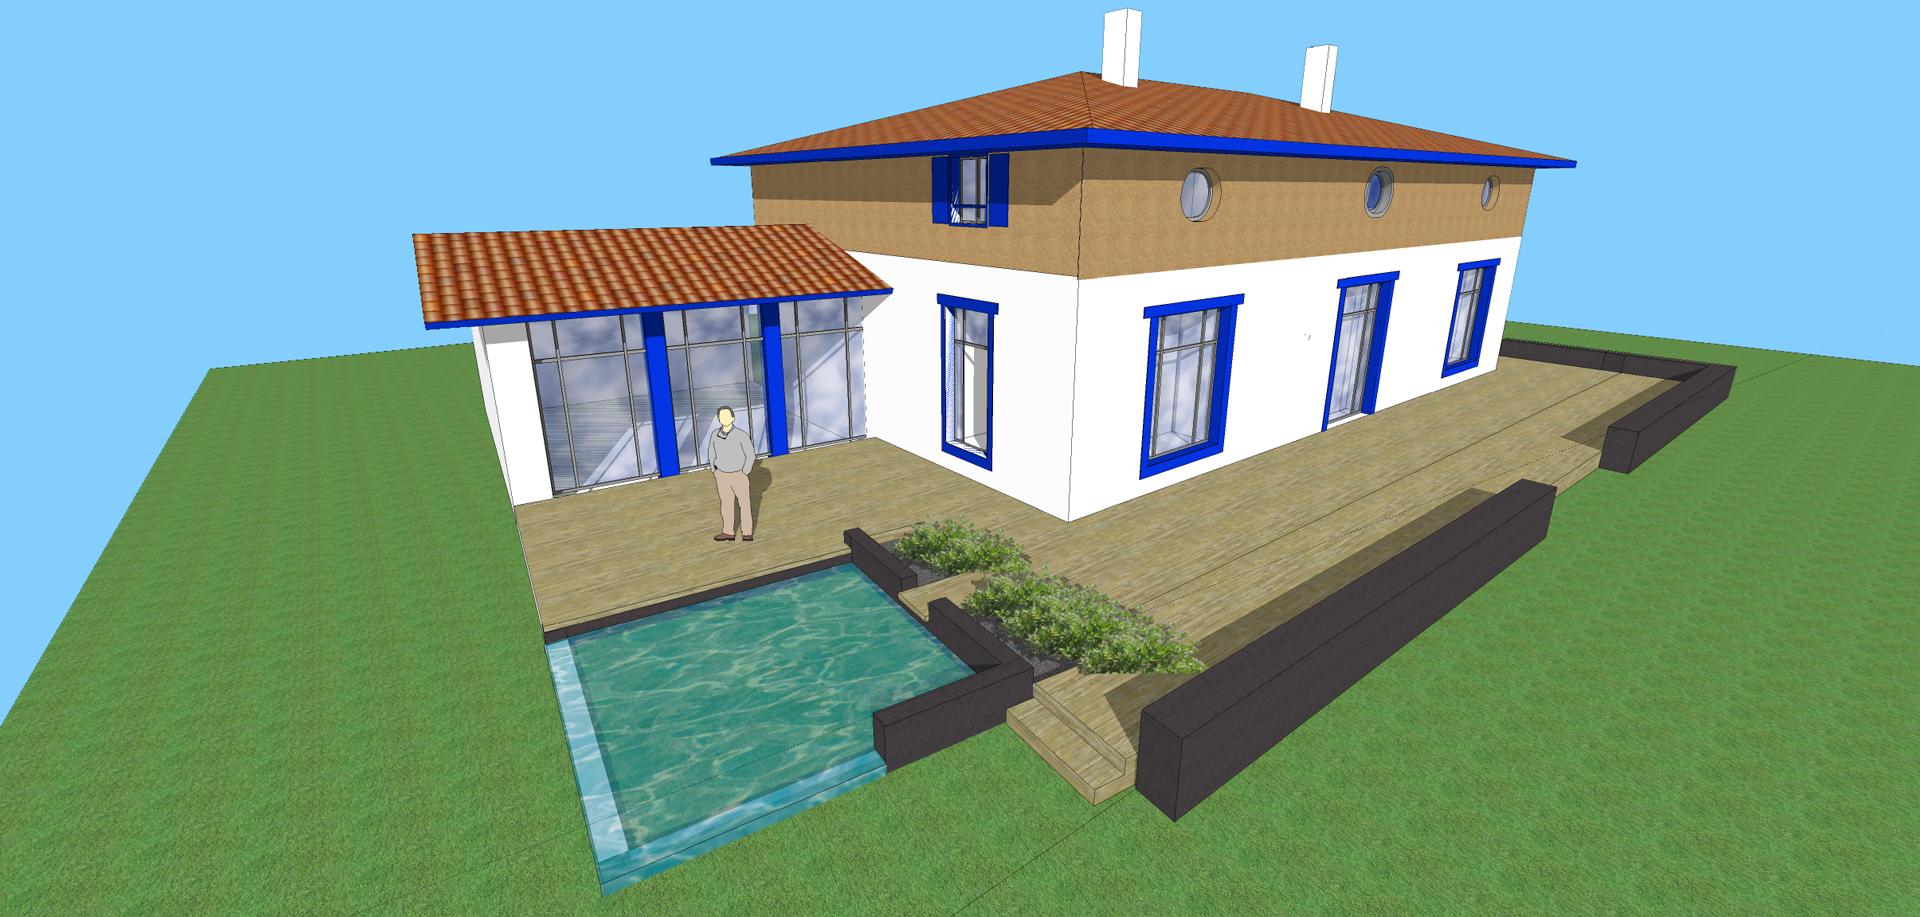 Constructeur maison pays basque segu maison for Constructeur maison basque